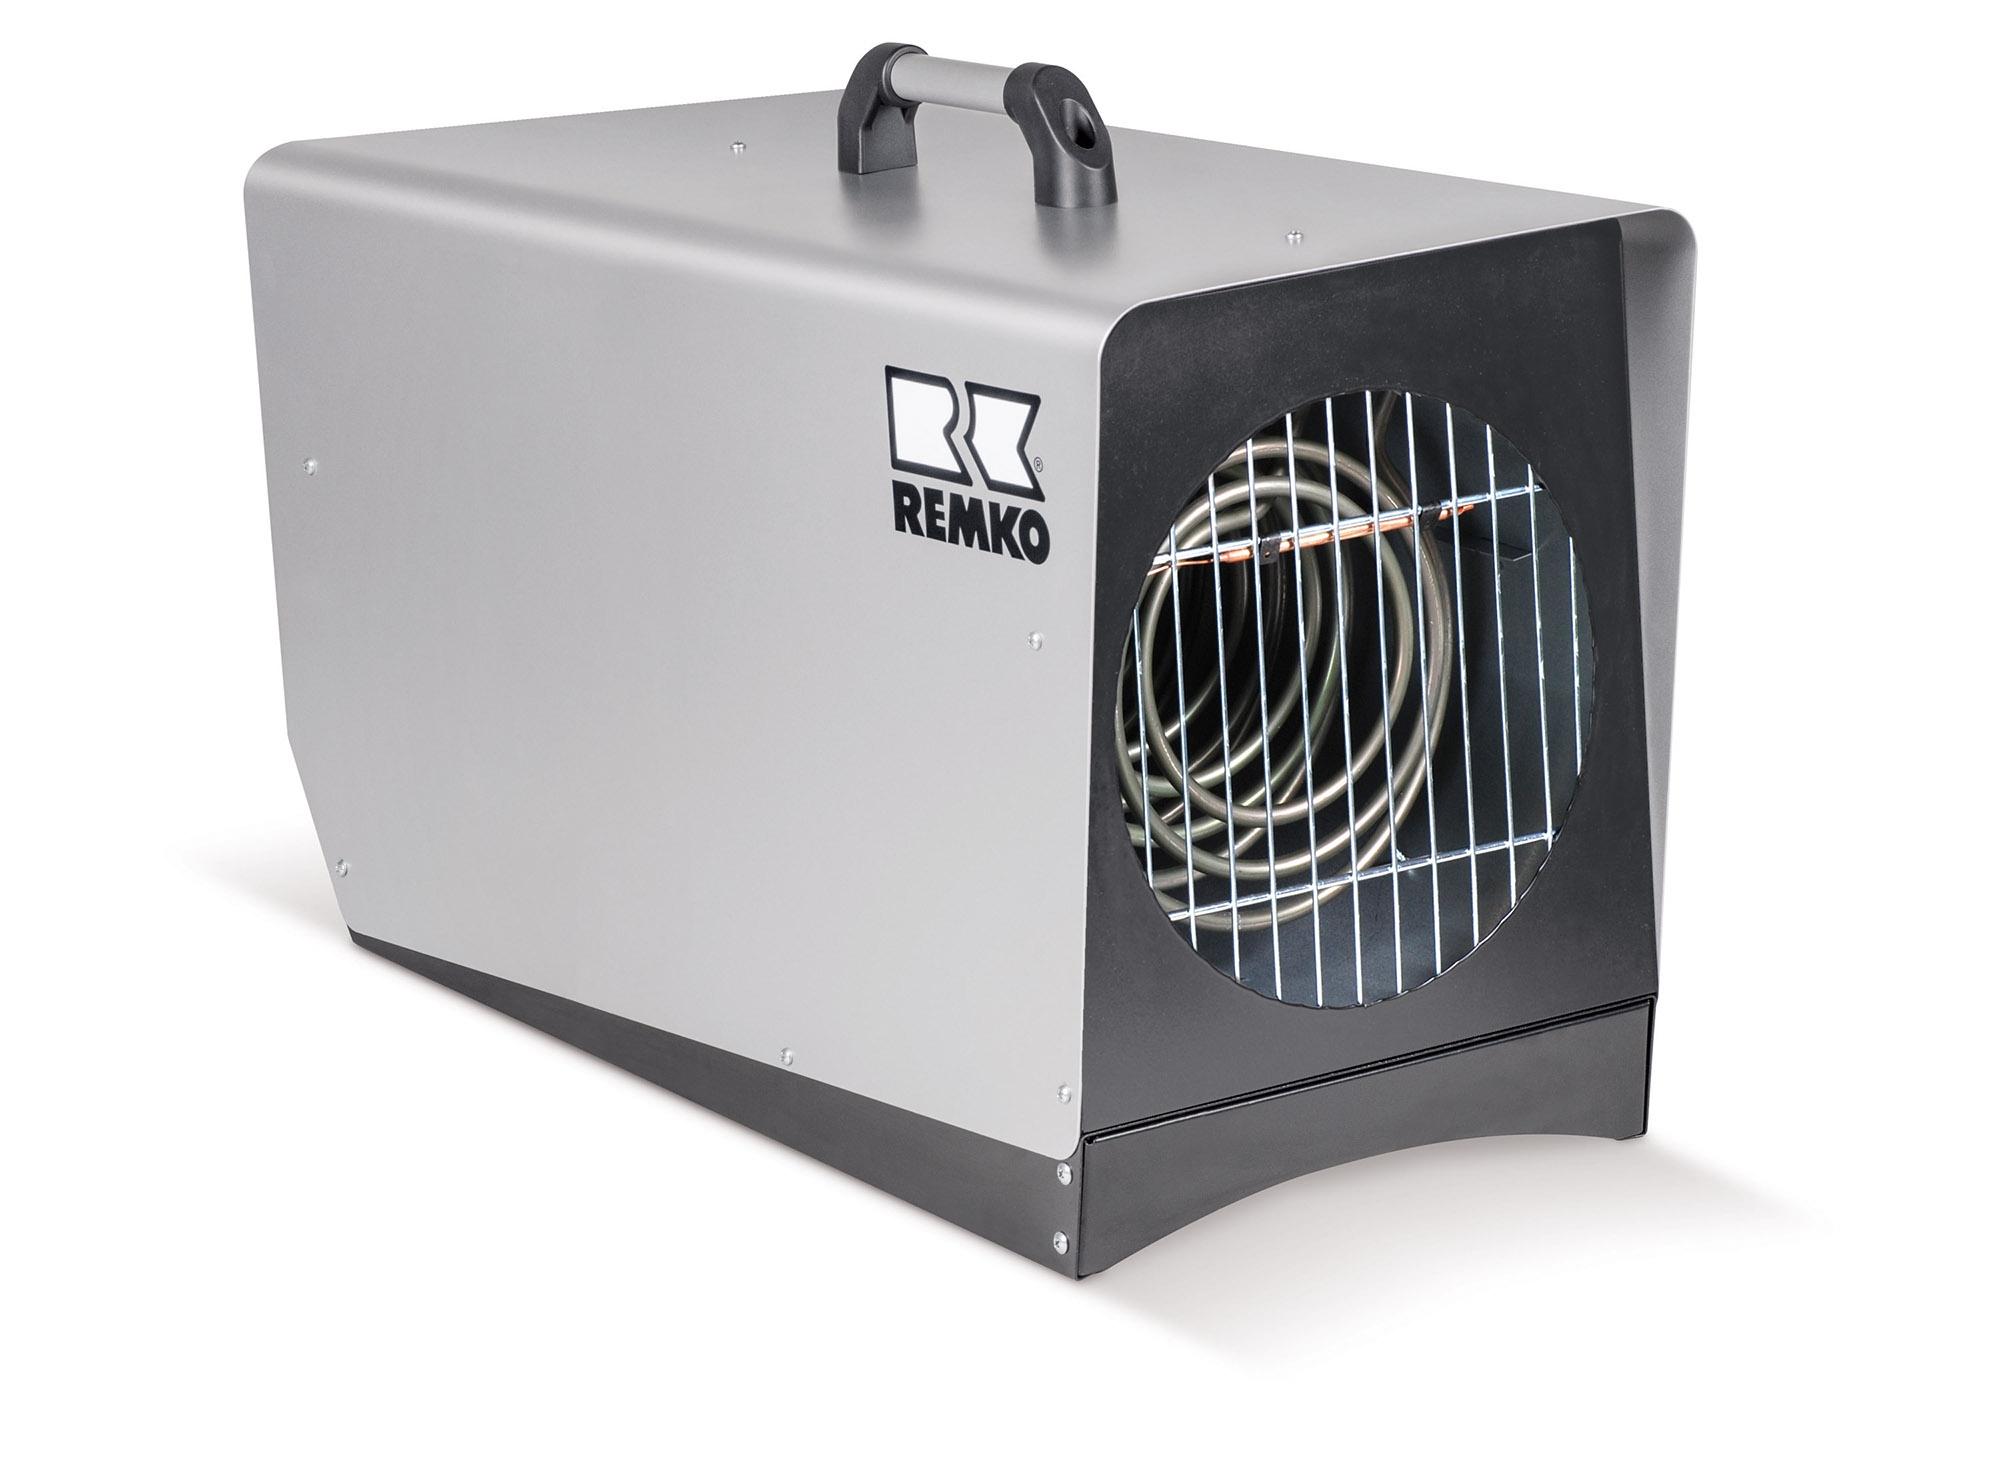 REMKO EM 10000 Mobiler Elektro Heizautomat - Robust, sicher und zuverlässig